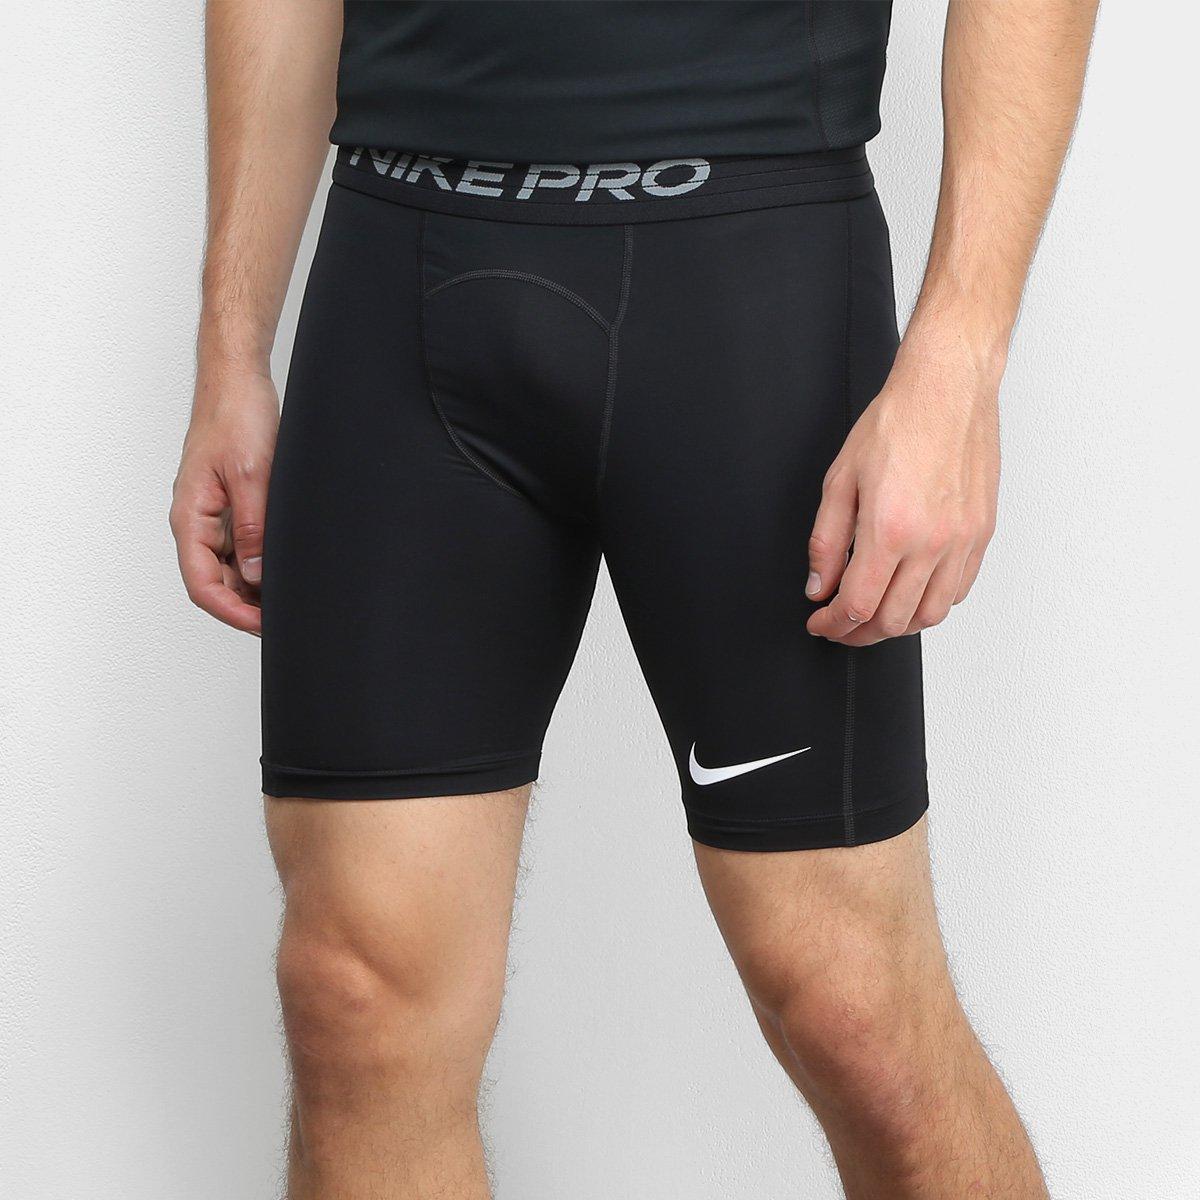 Short de Compressão Nike Pro Masculino